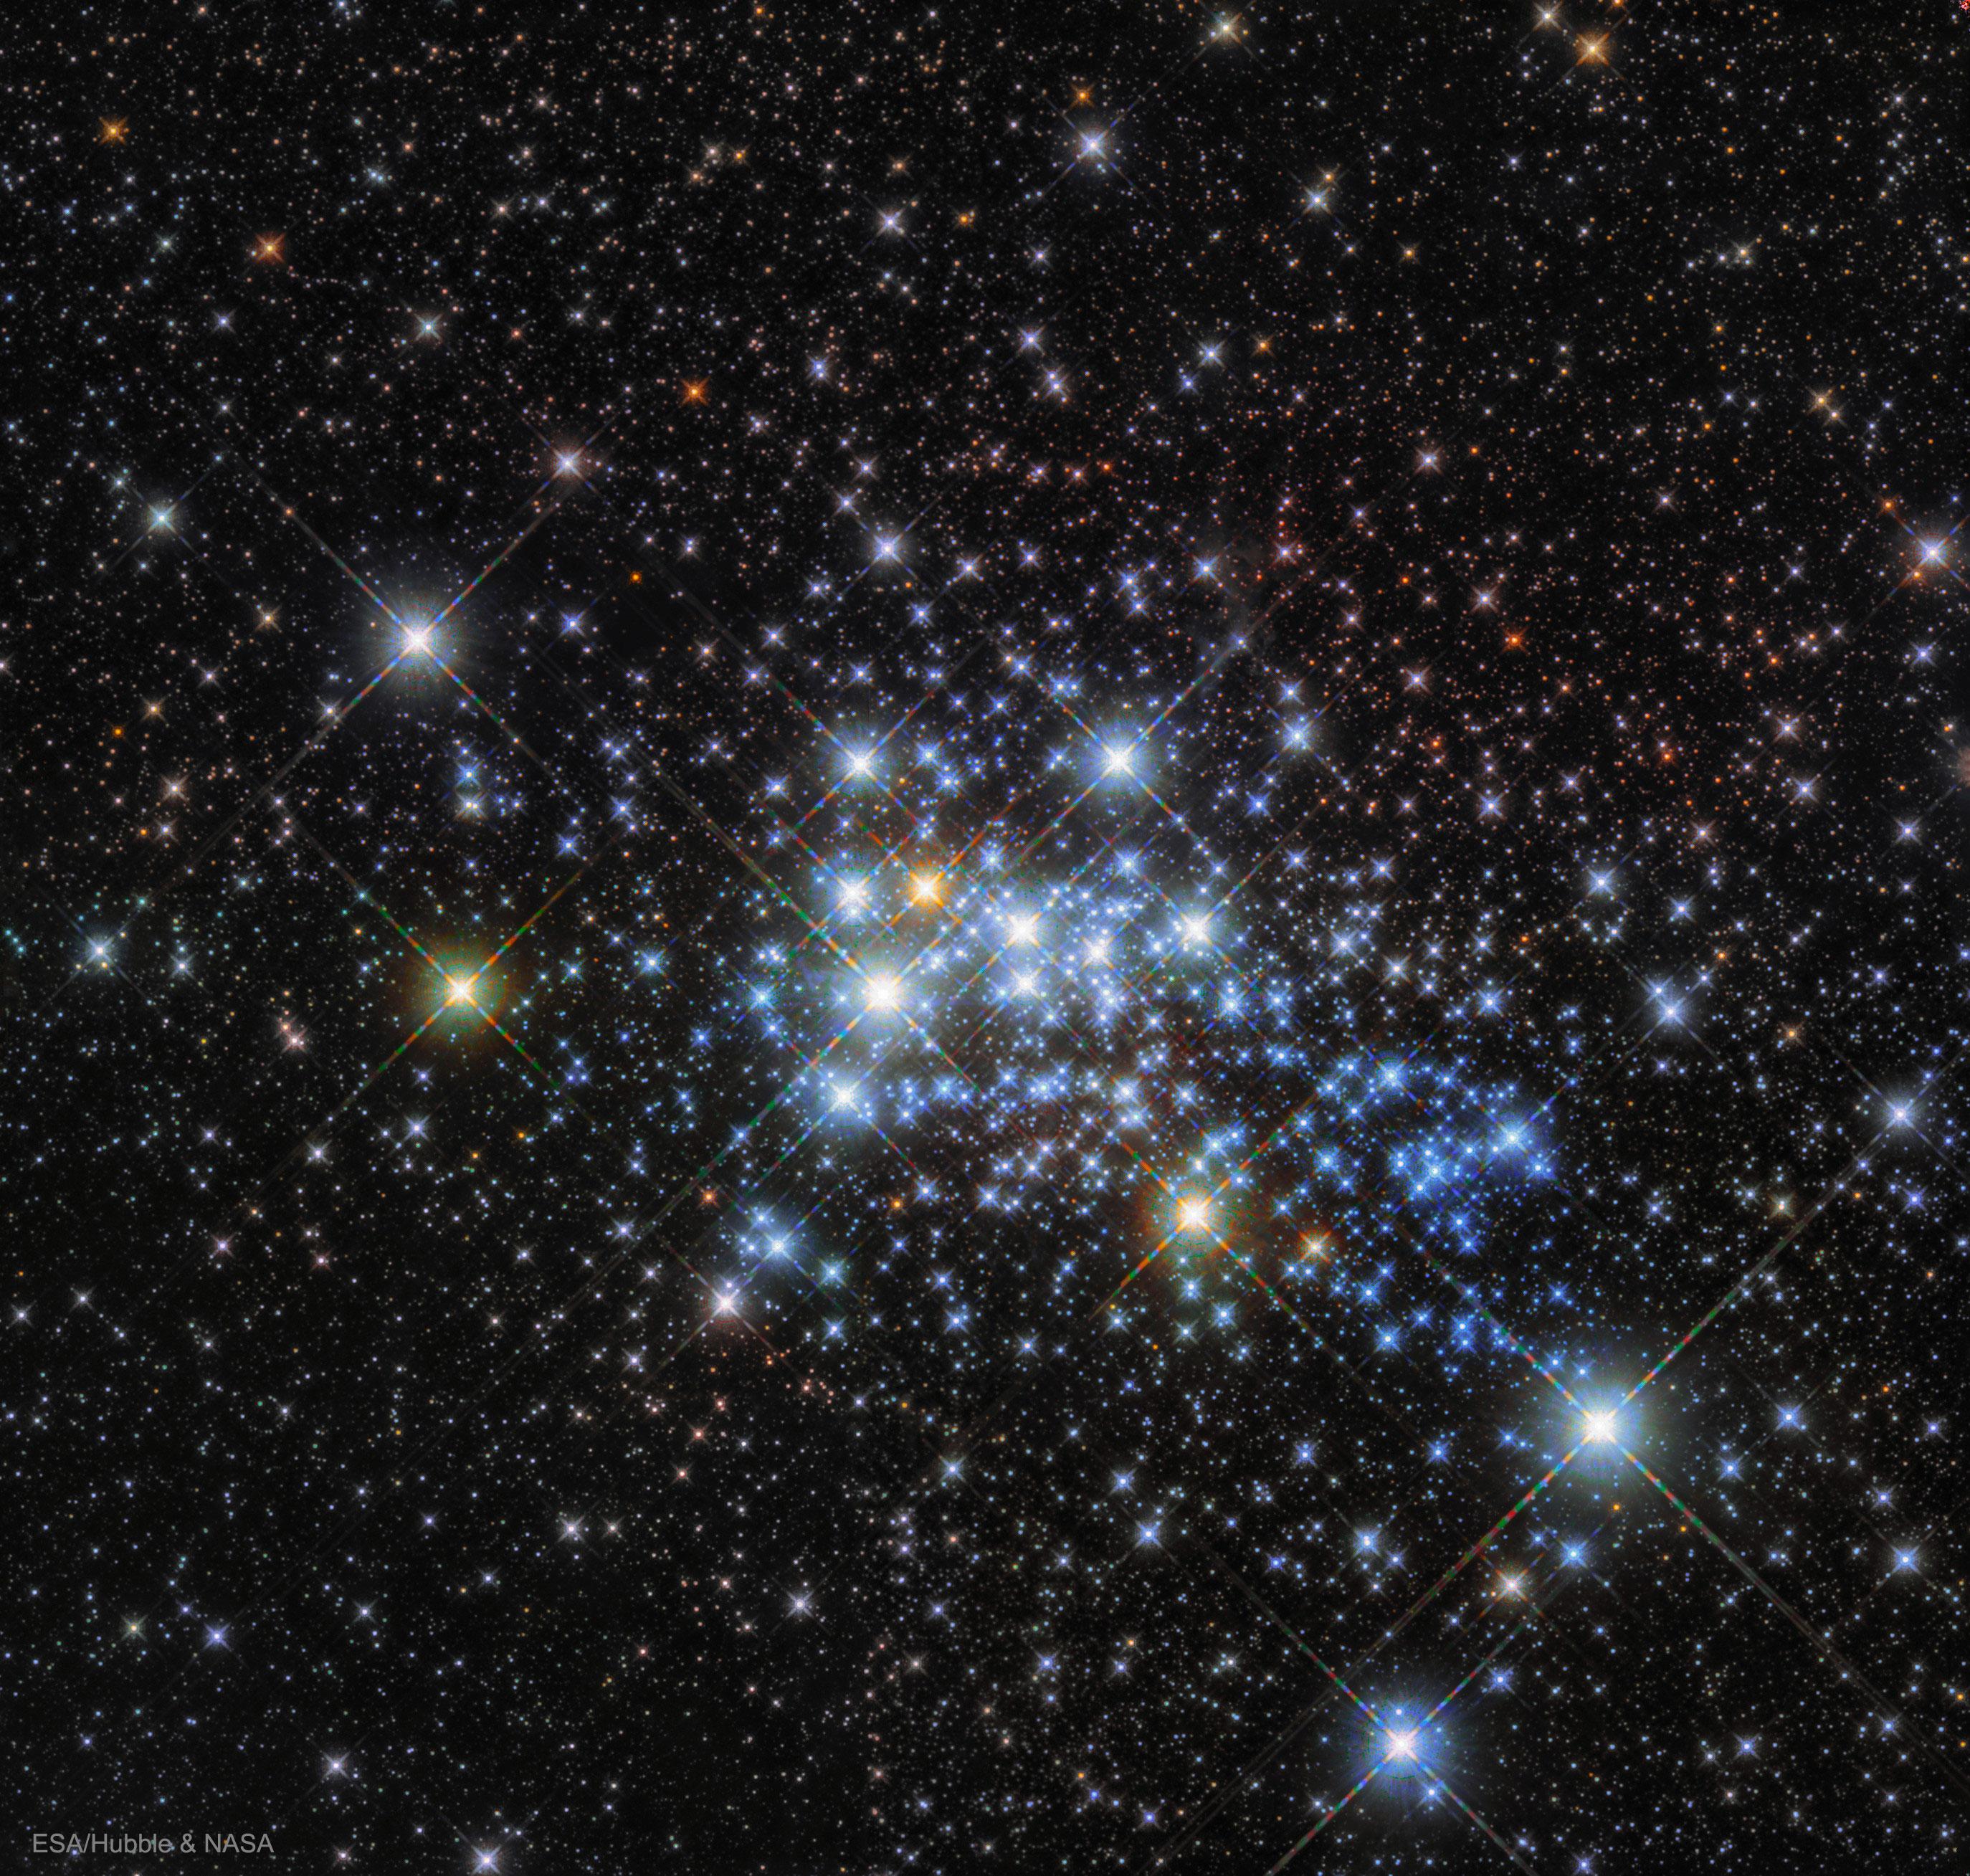 Les étoiles massives de Westerlund 1